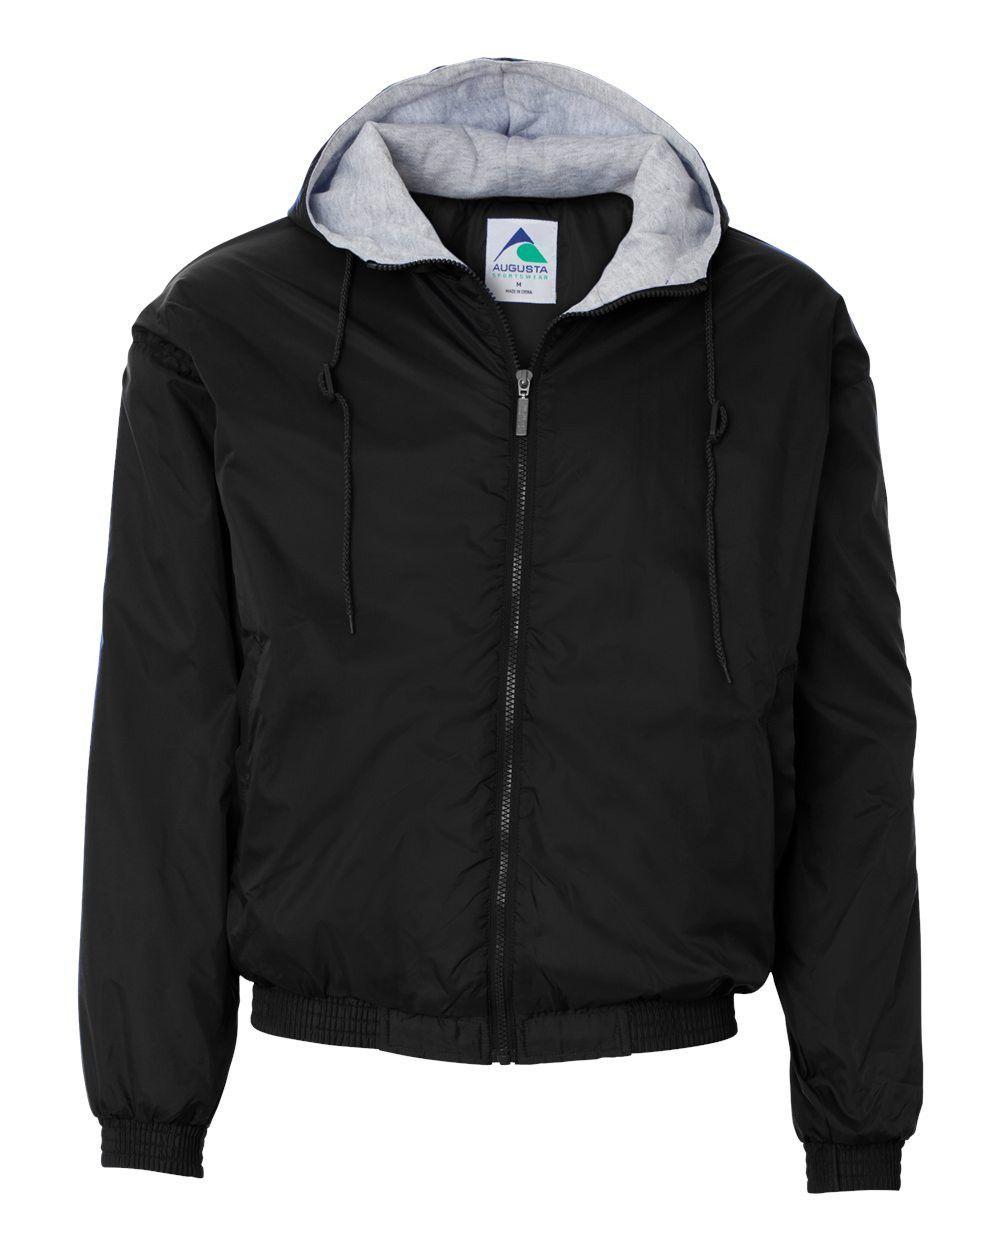 Augusta sportswear hooded fleece lined jacket black